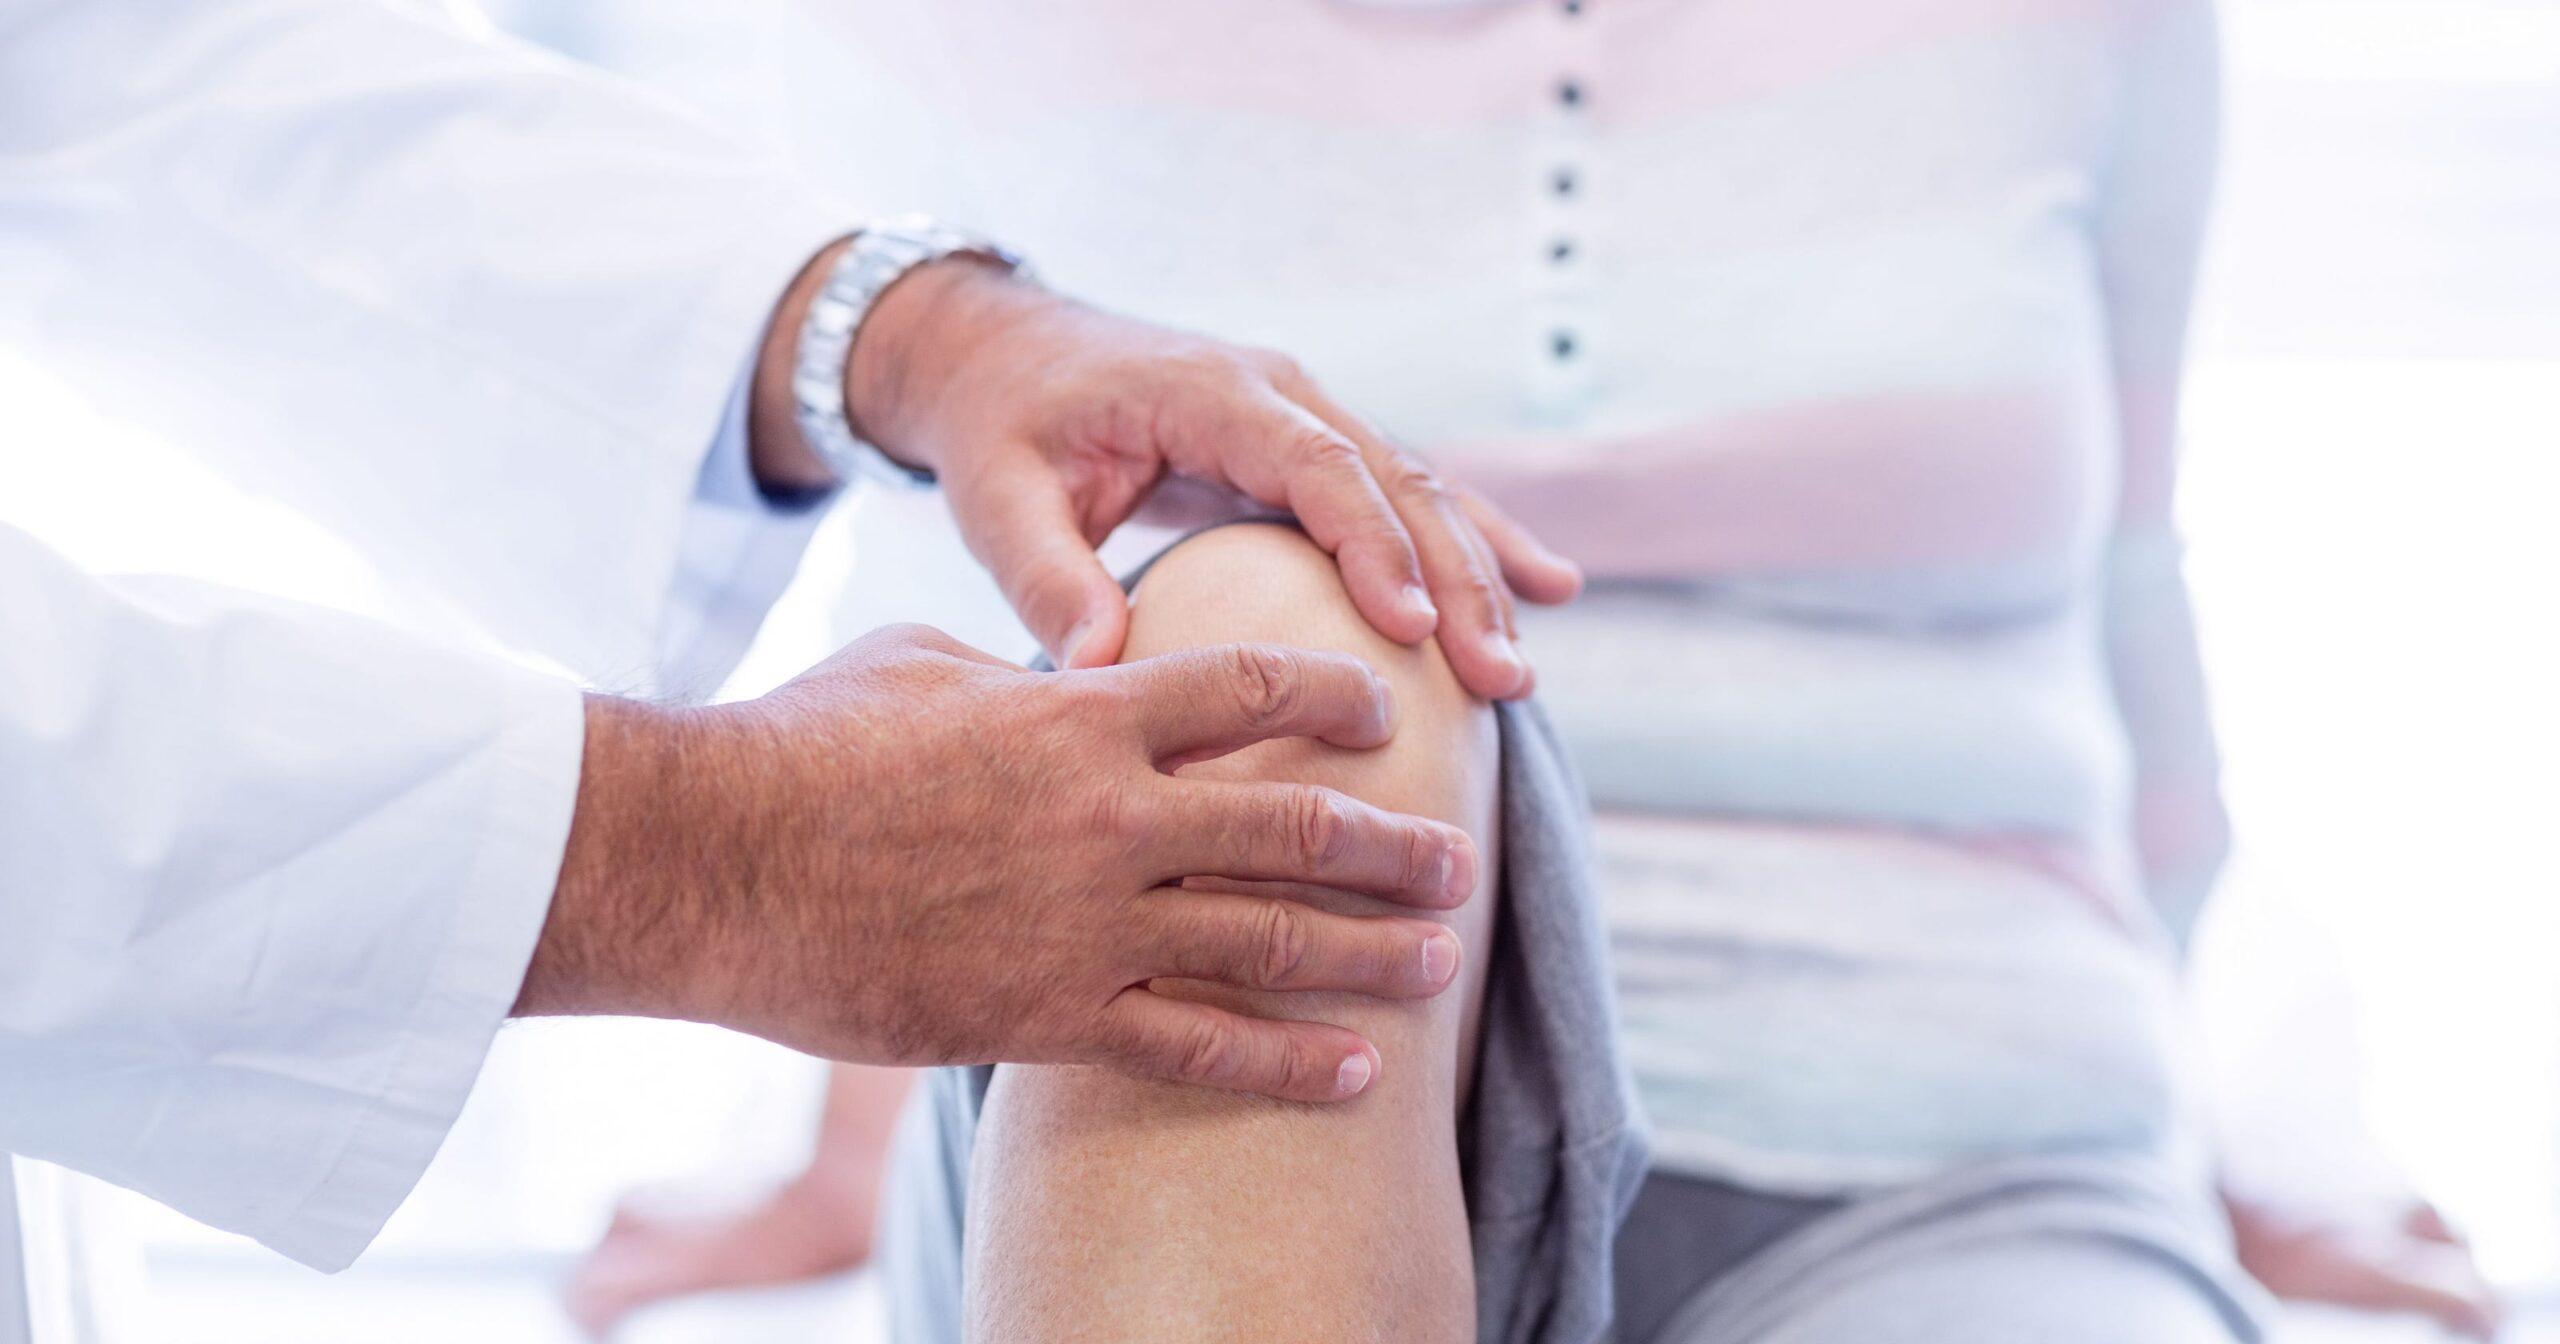 Sıklıkla görülen kemik hastalıklarını önlemek için…